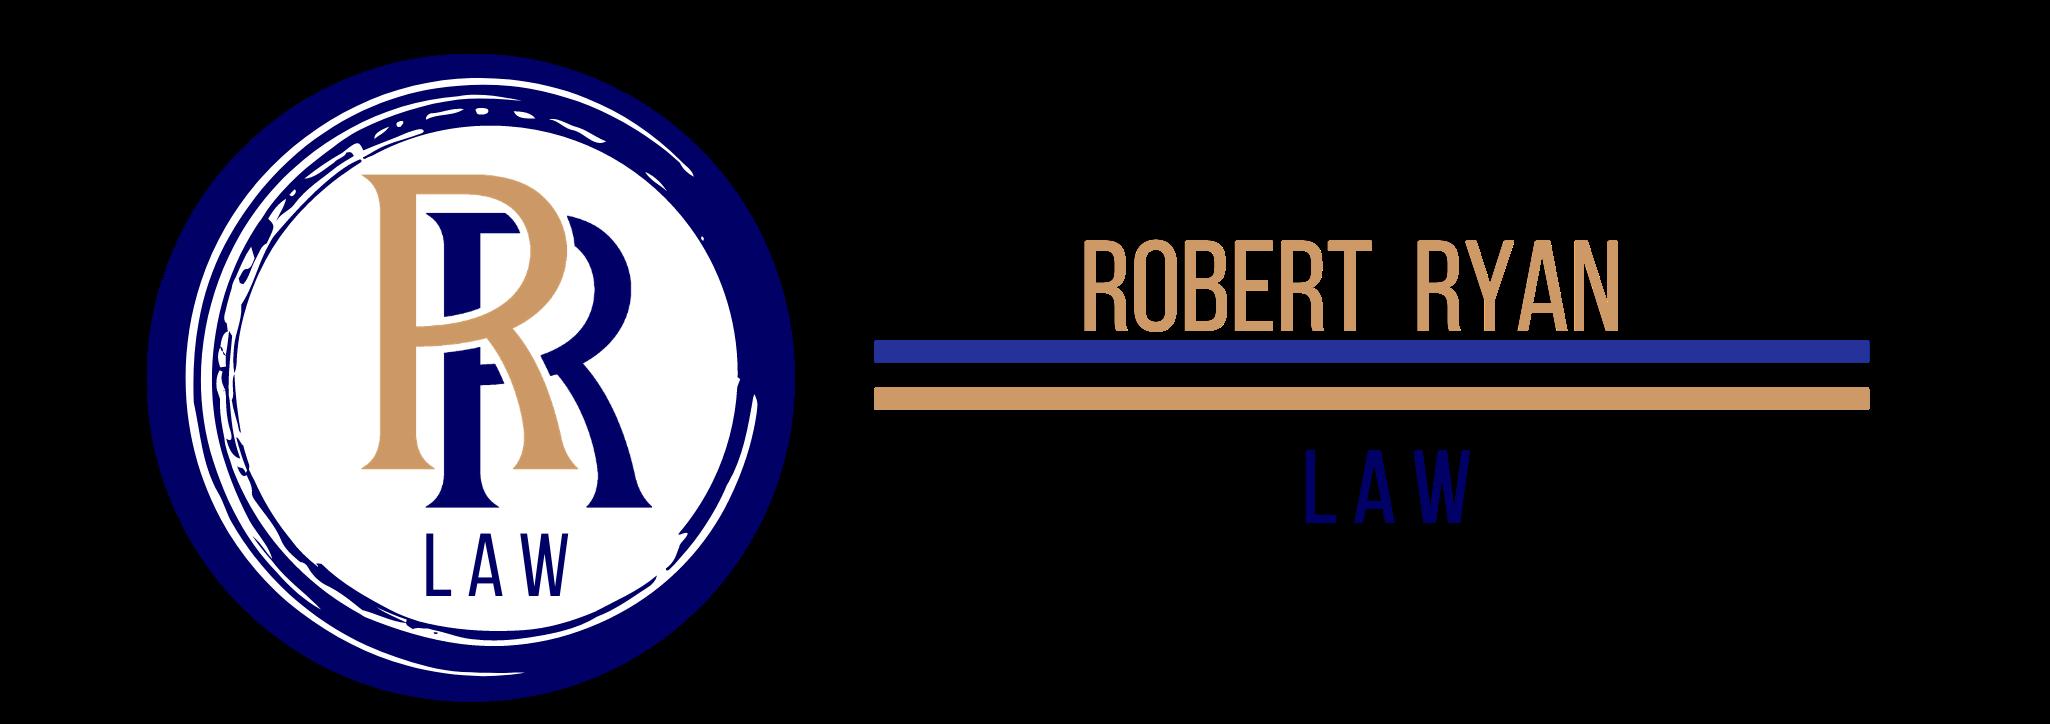 Robert Ryan Law – San Diego, Ca